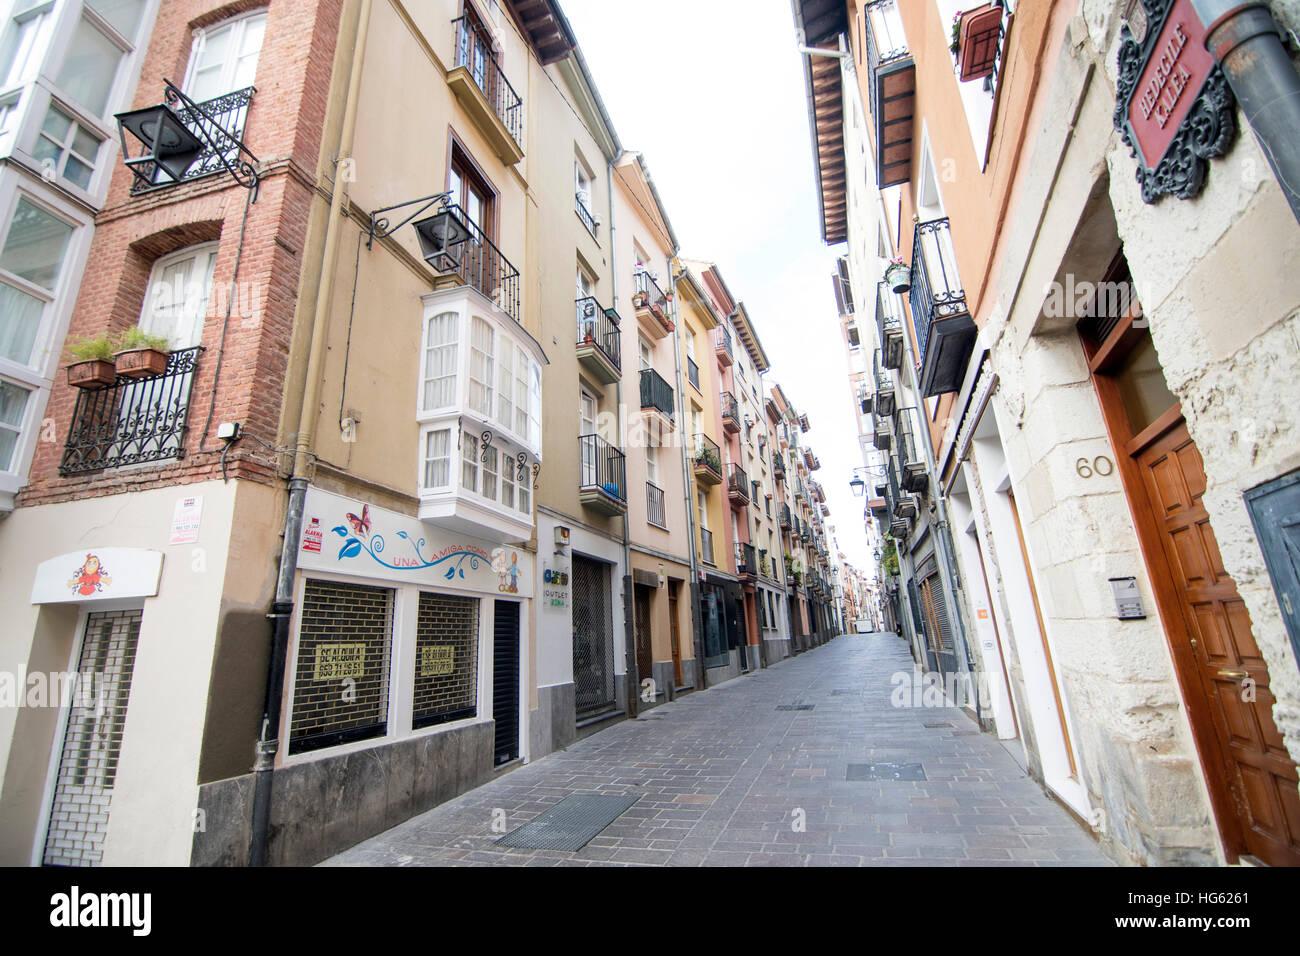 Une rue de Vitoria, Espagne. Photo Stock